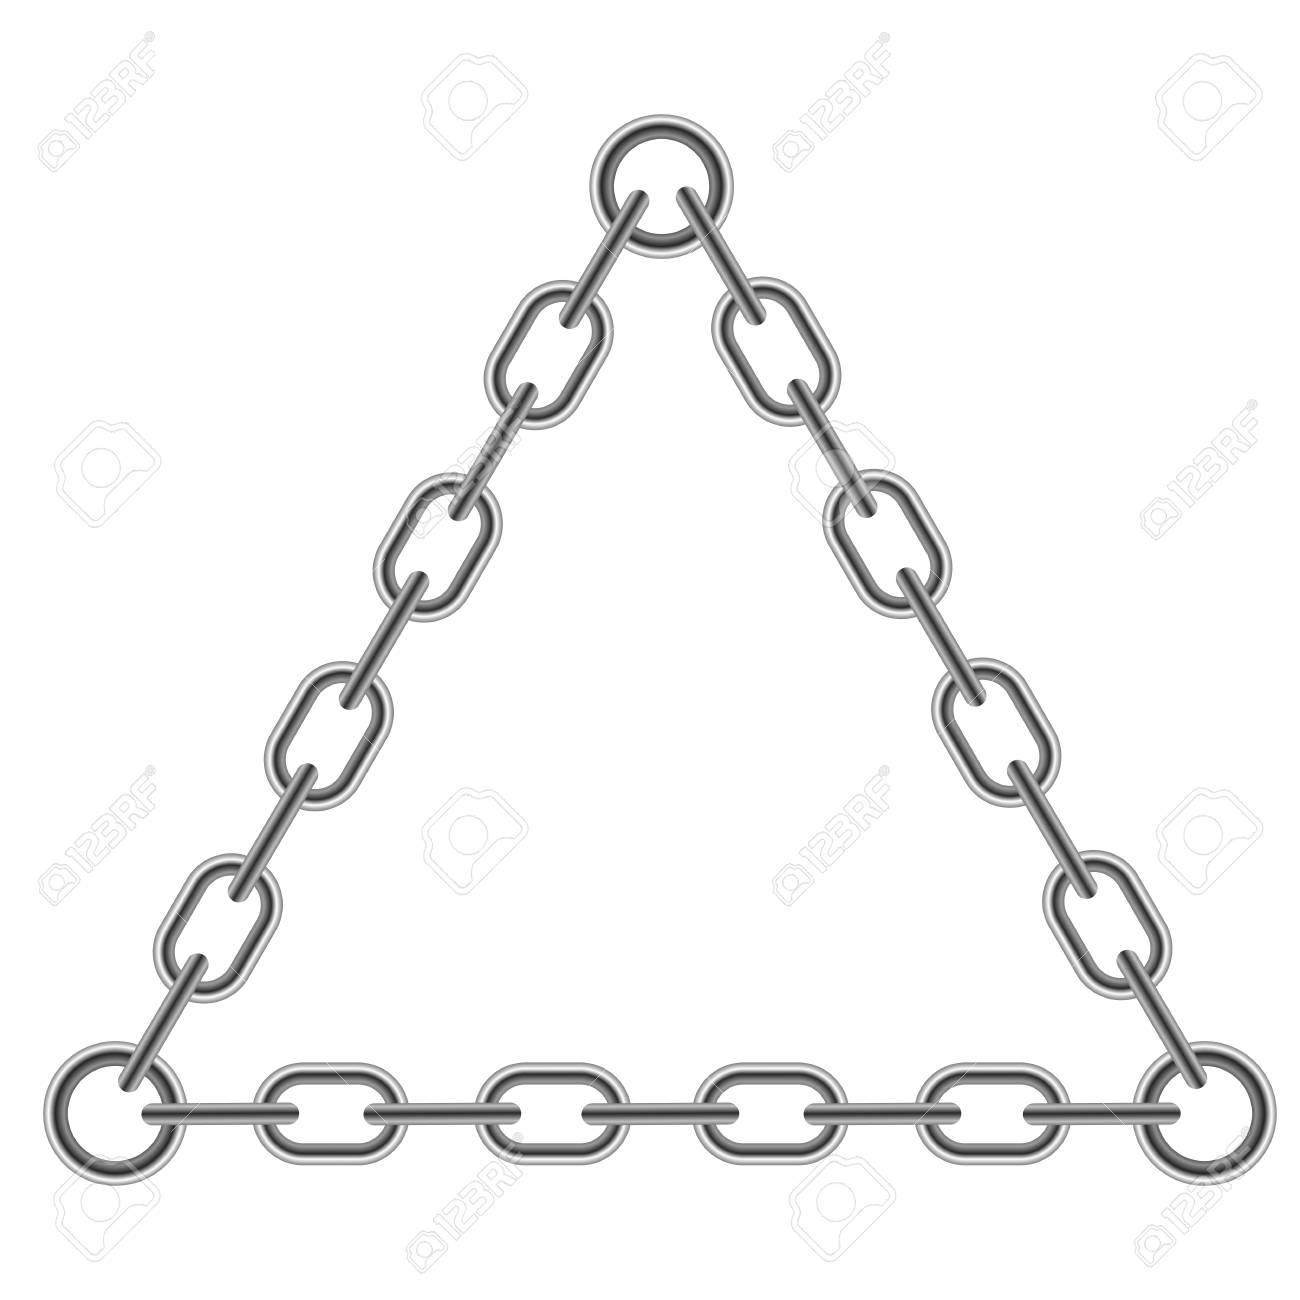 Kette Dreieck Rahmen Isoliert Auf Weißem Hintergrund Lizenzfrei ...